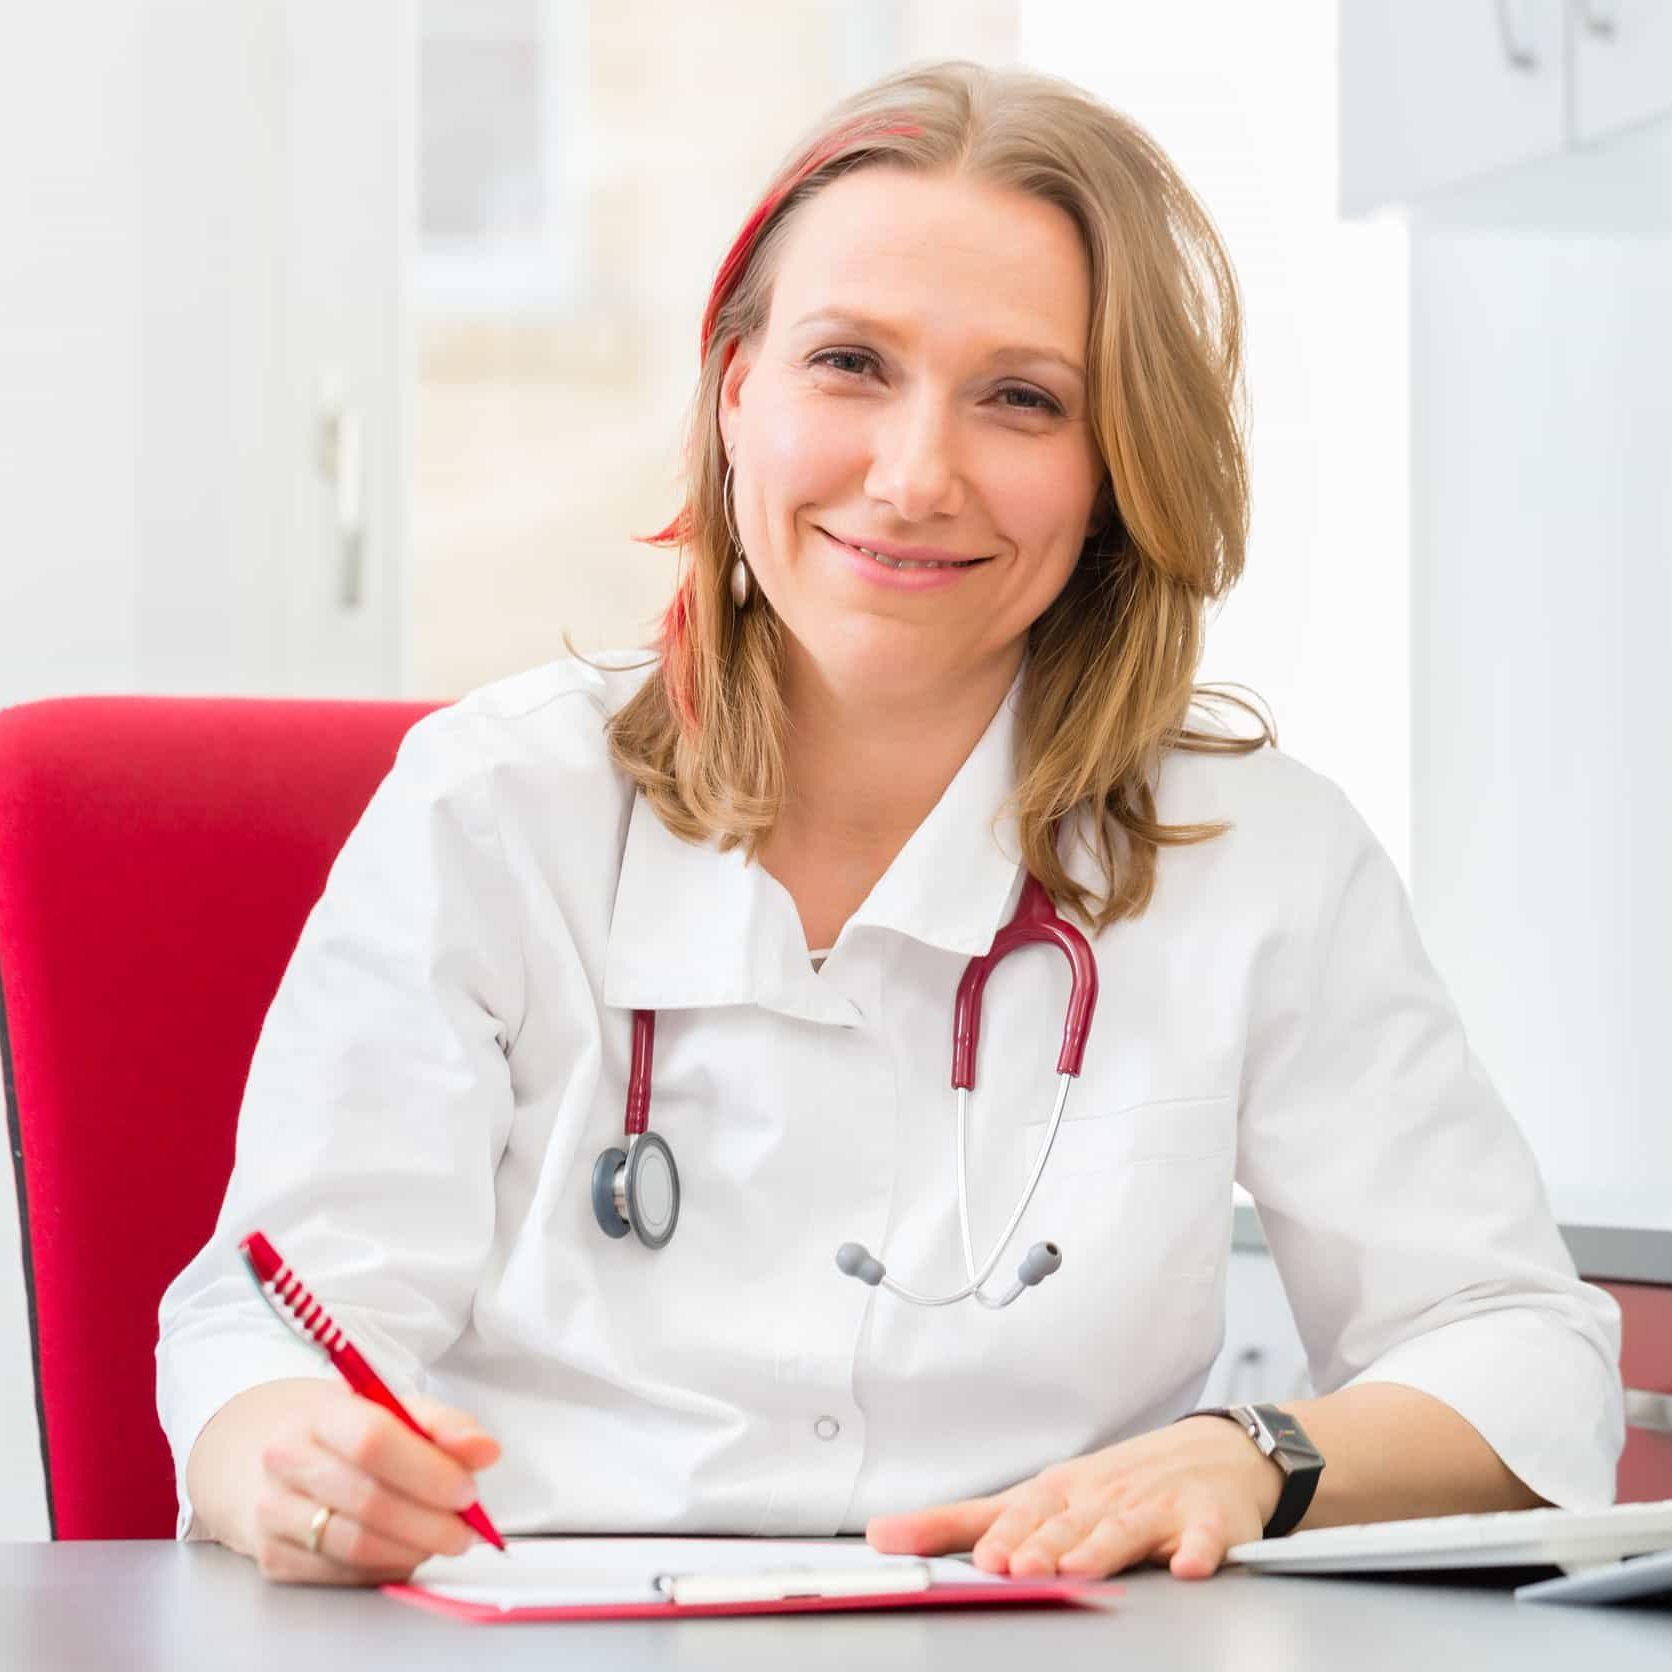 otros_certificados_medicos_medicar-min